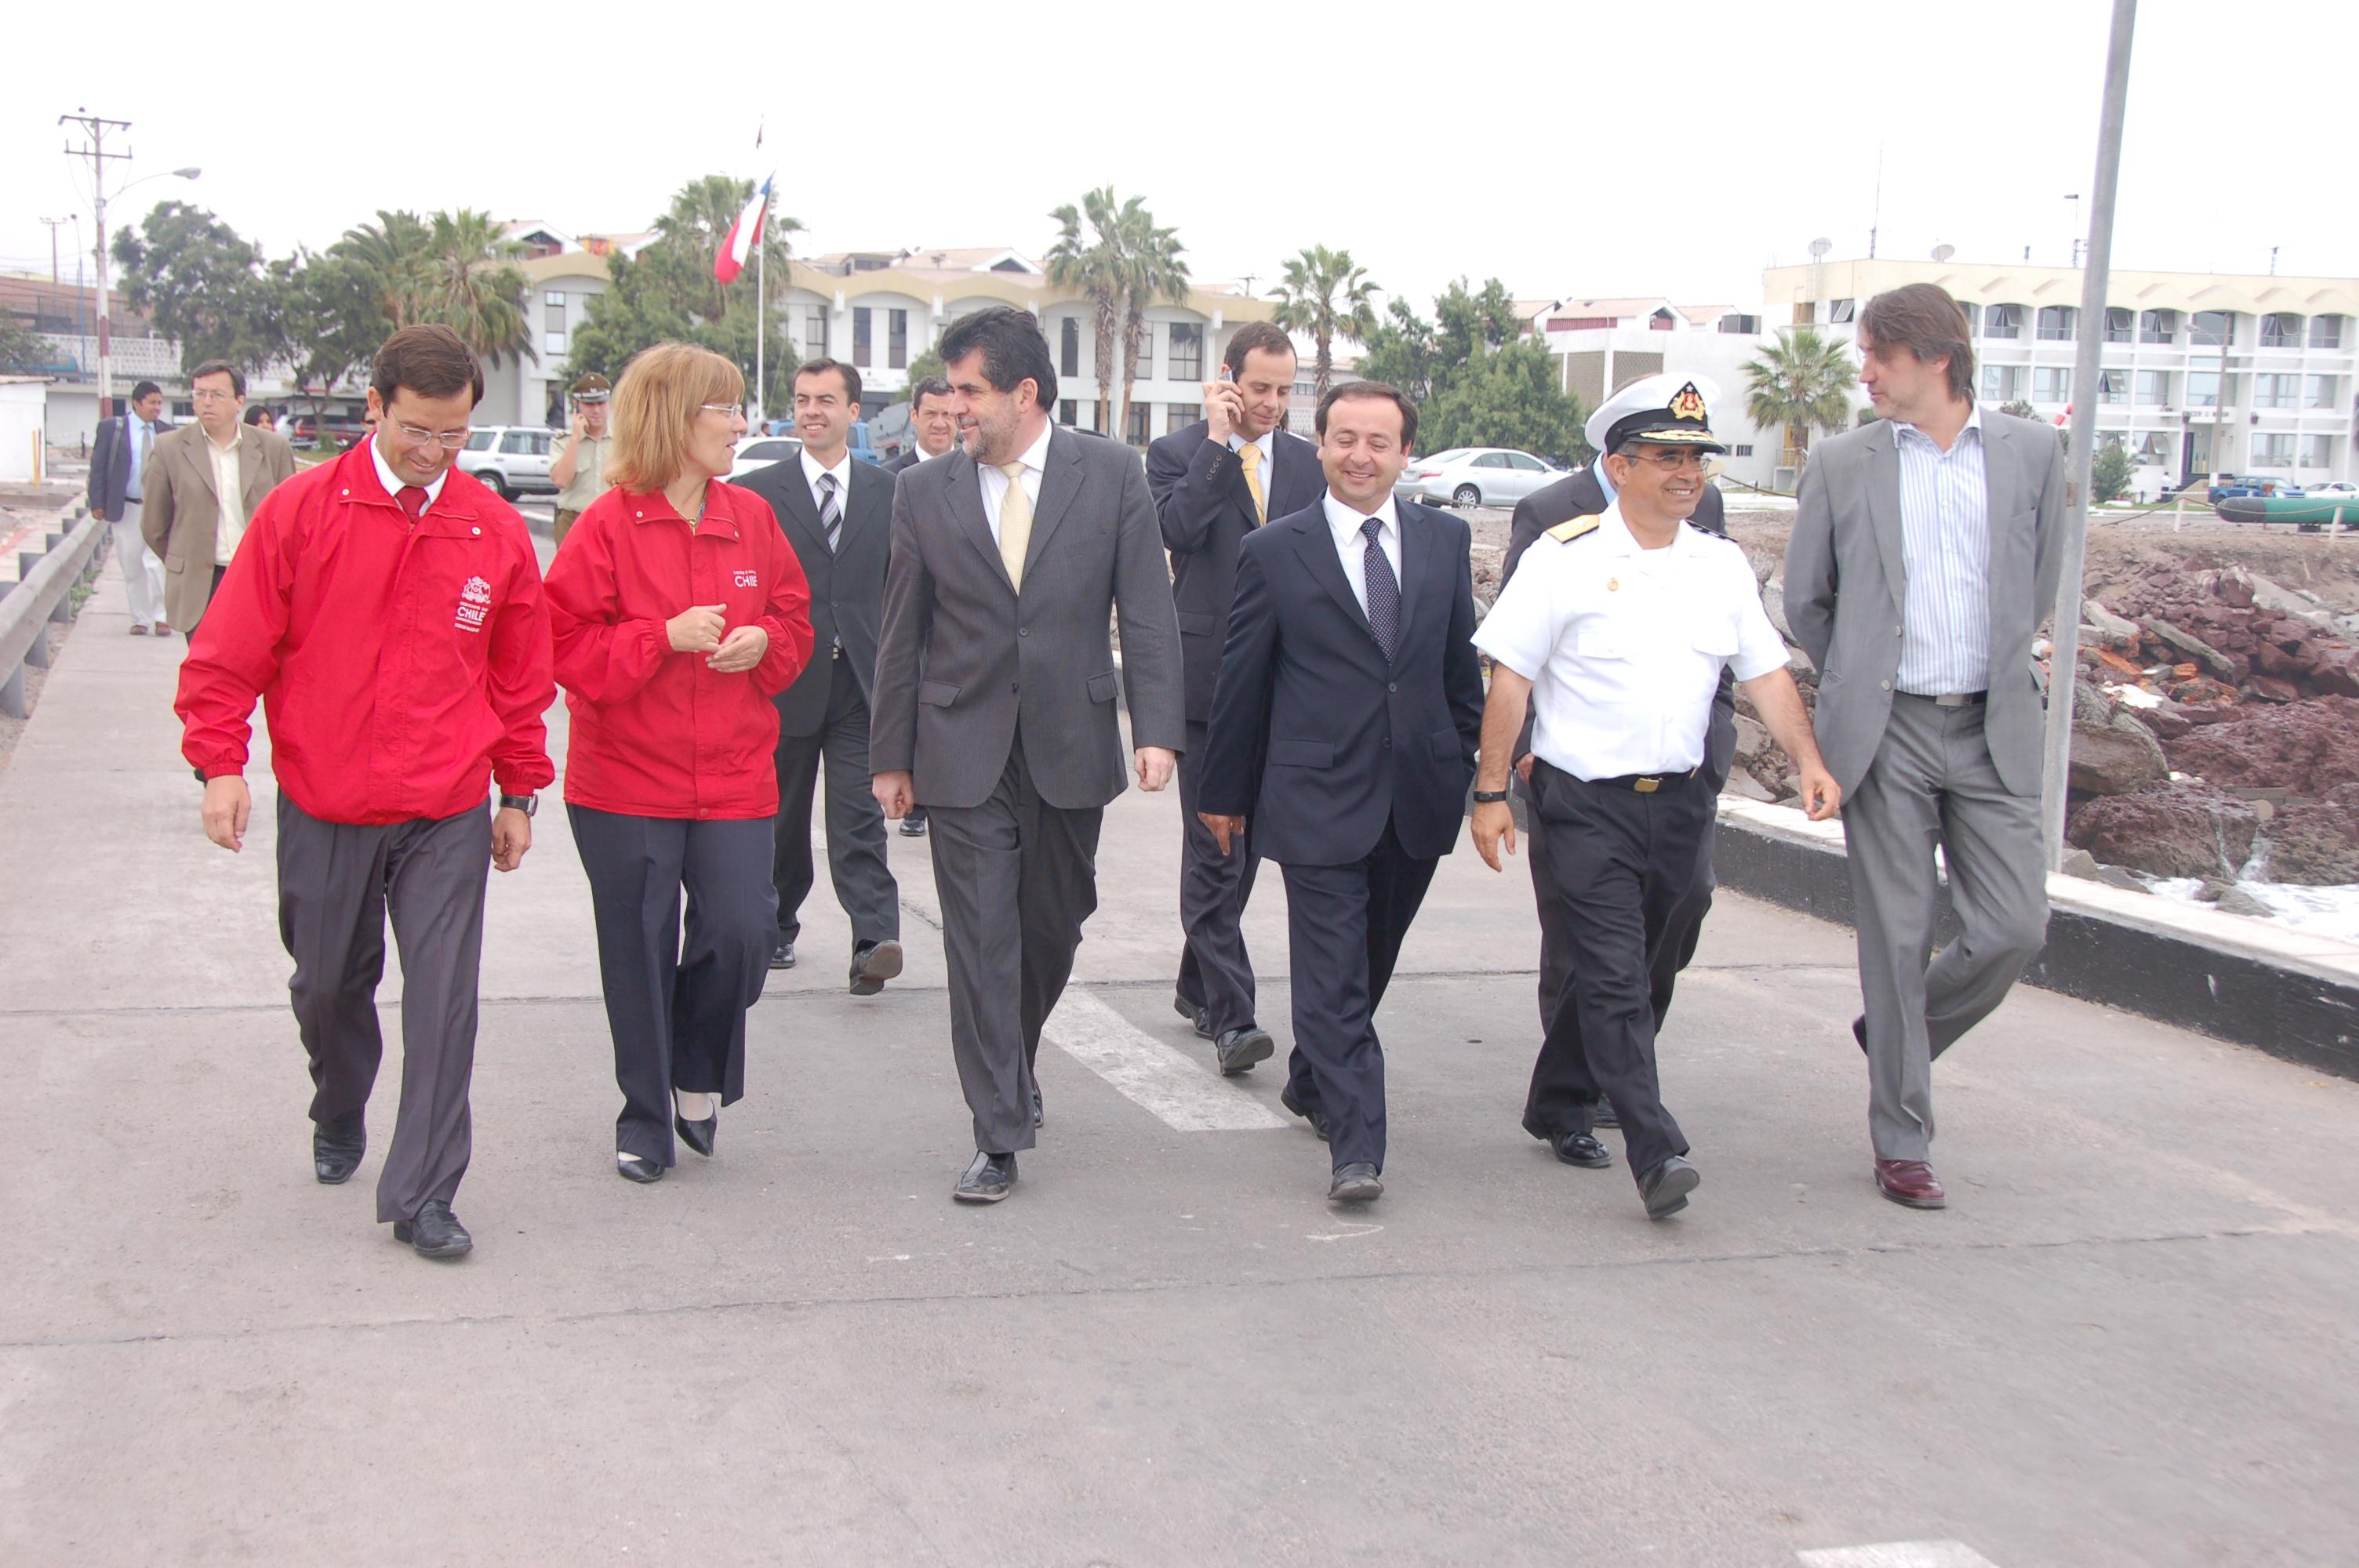 Subsecretario del interior visit la iv zona naval http for Subsecretario del interior